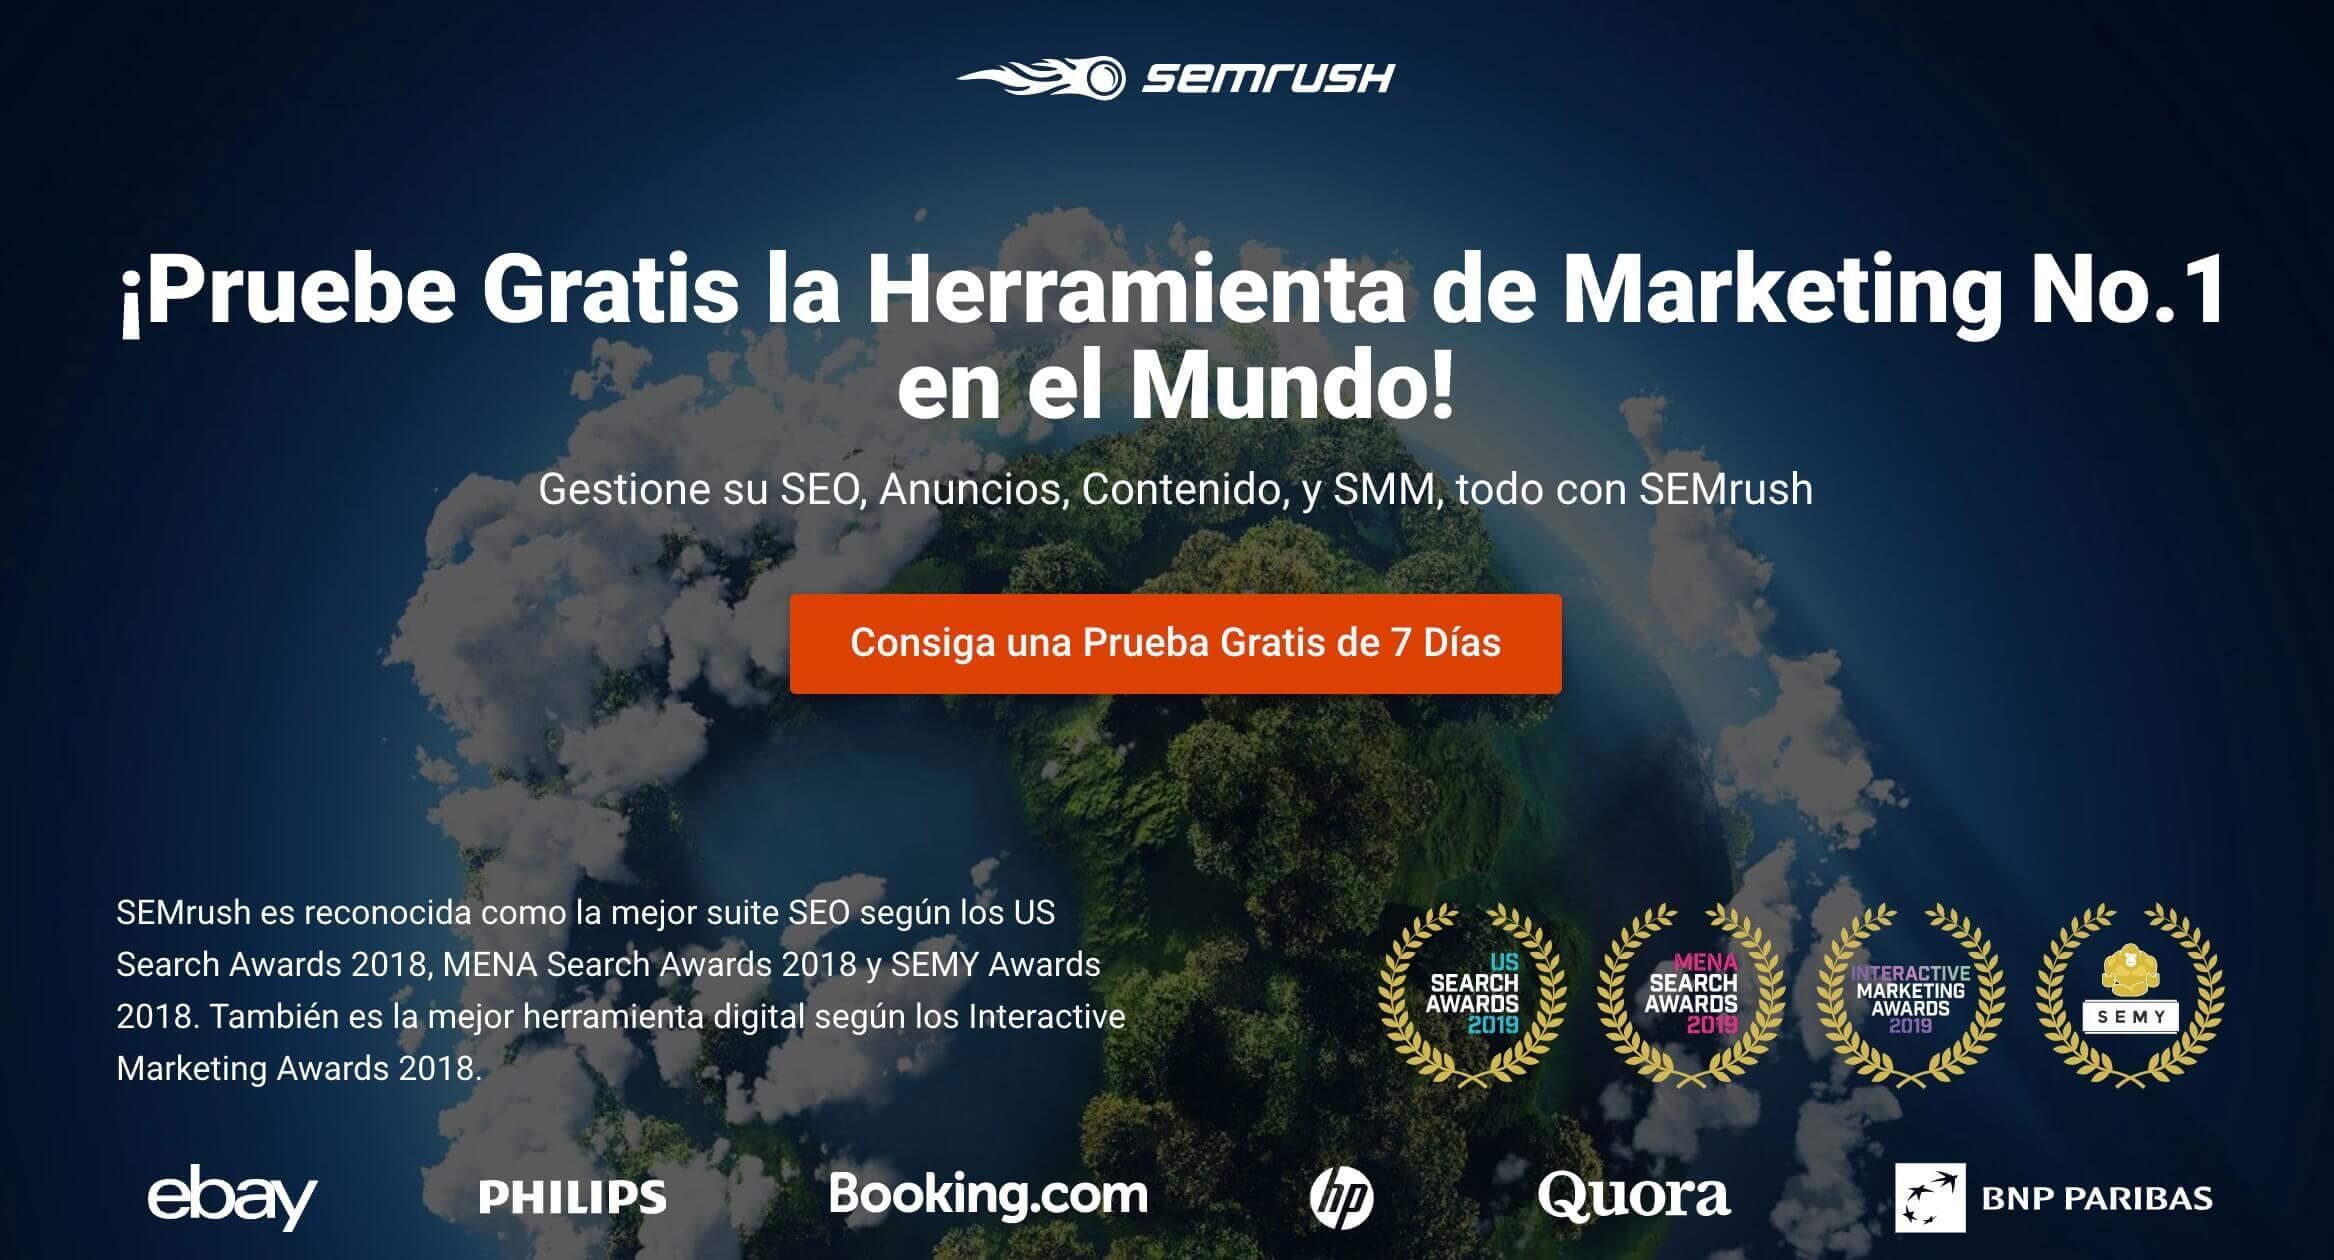 SEMrush: herramienta SEO para publicidad digital